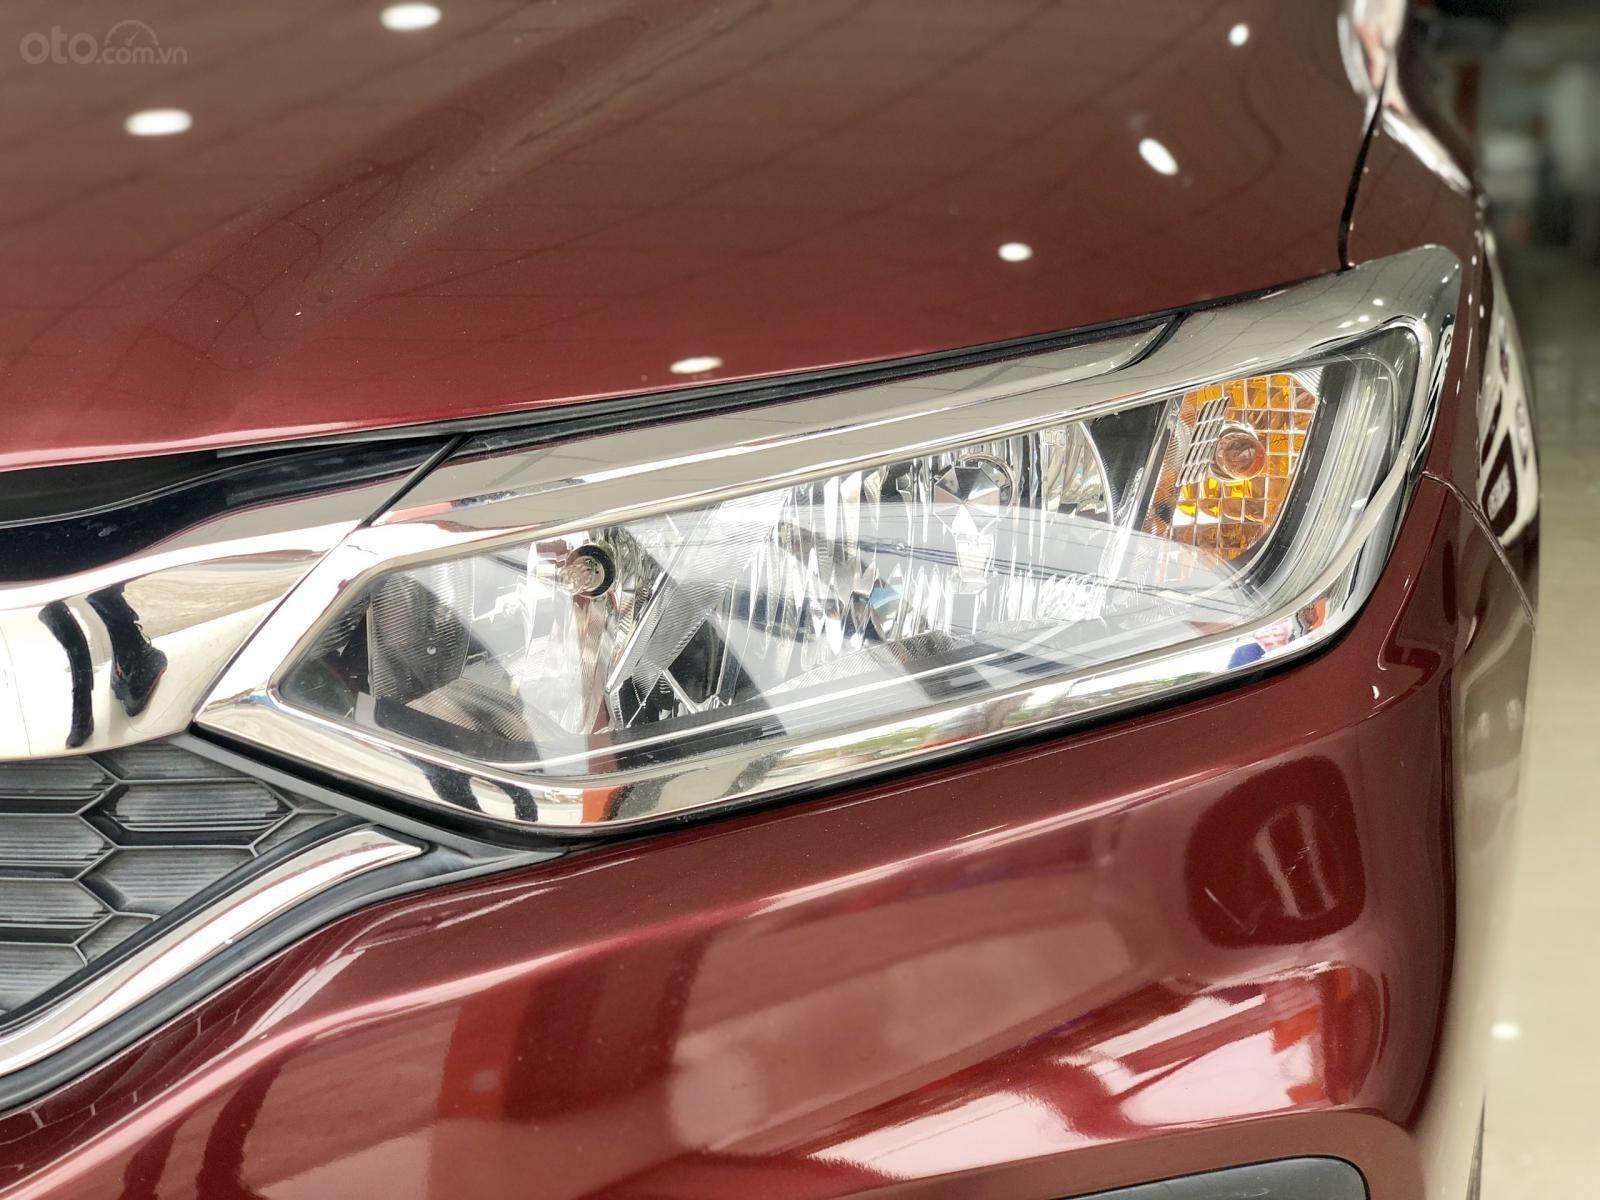 Honda City CVT 1.5 AT 2018, màu đỏ (10)